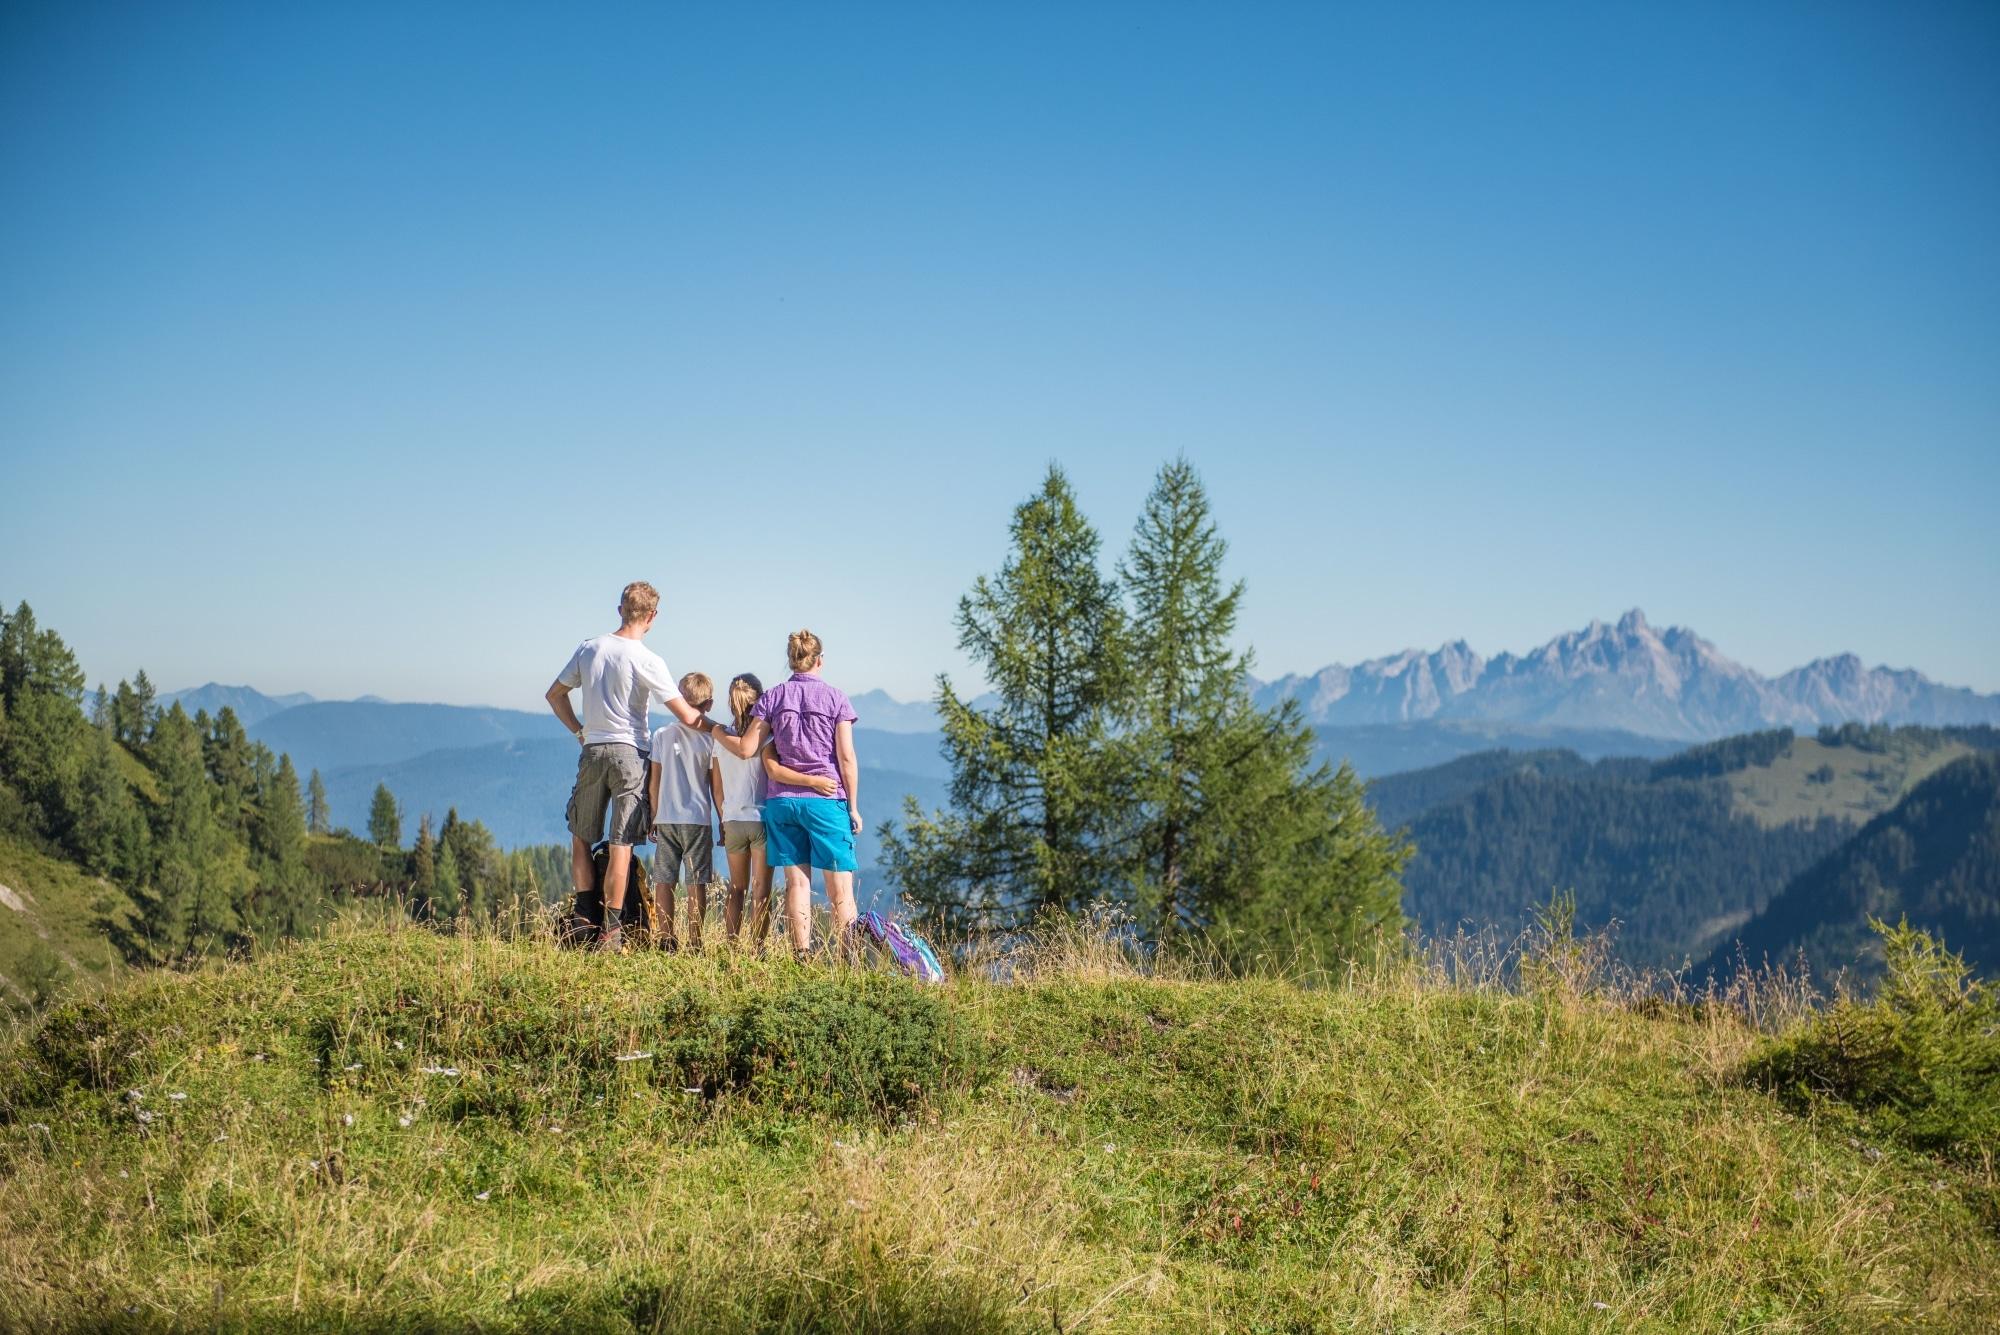 Familie beim Wandern in Altenmarkt Zauchensee